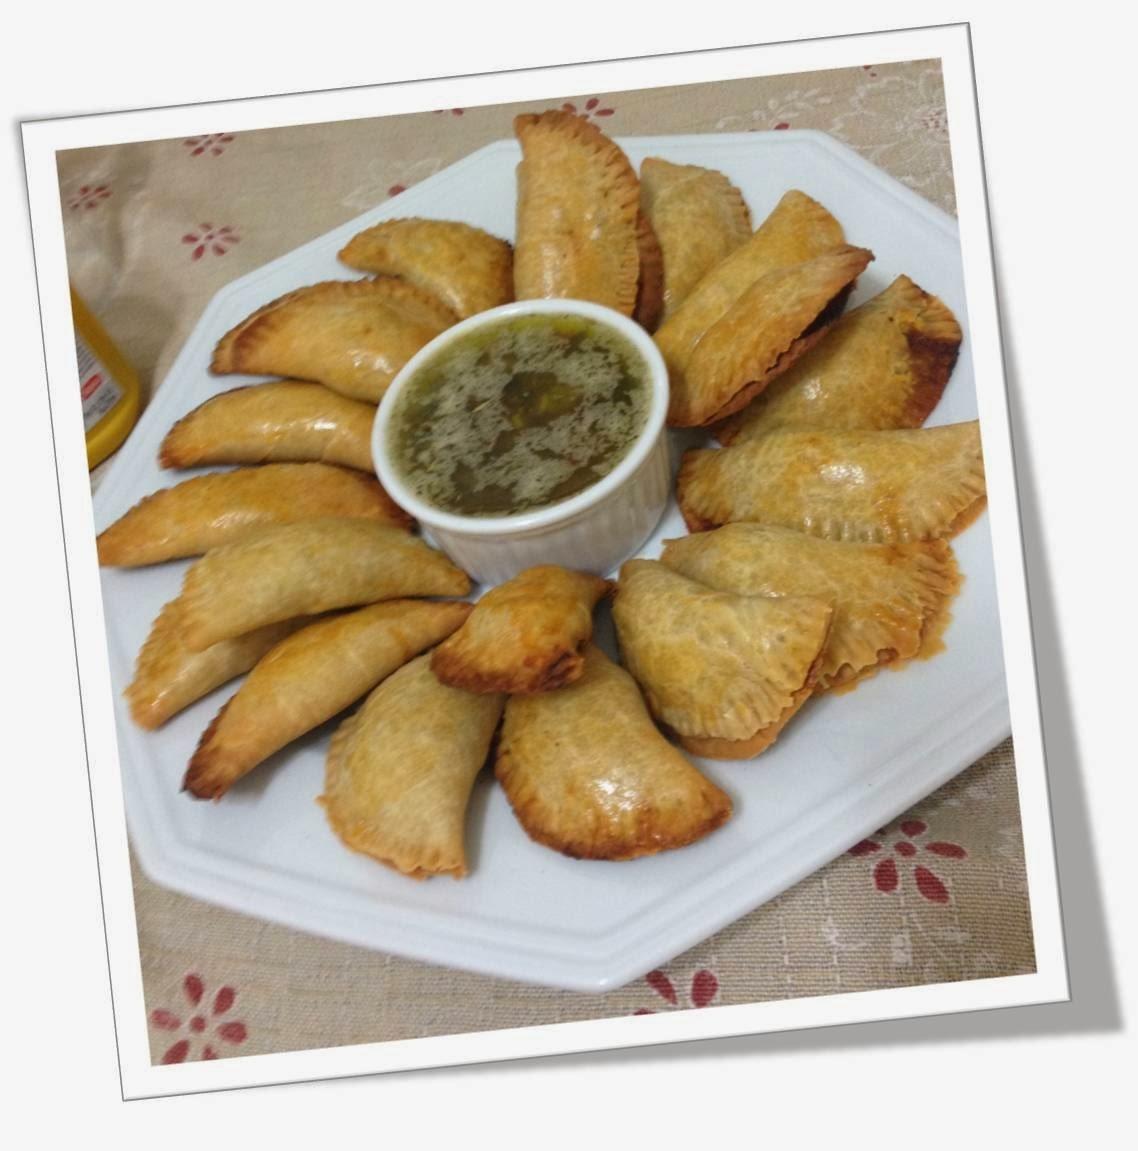 Empanadas Acompanhadas do Molho Chimichurri